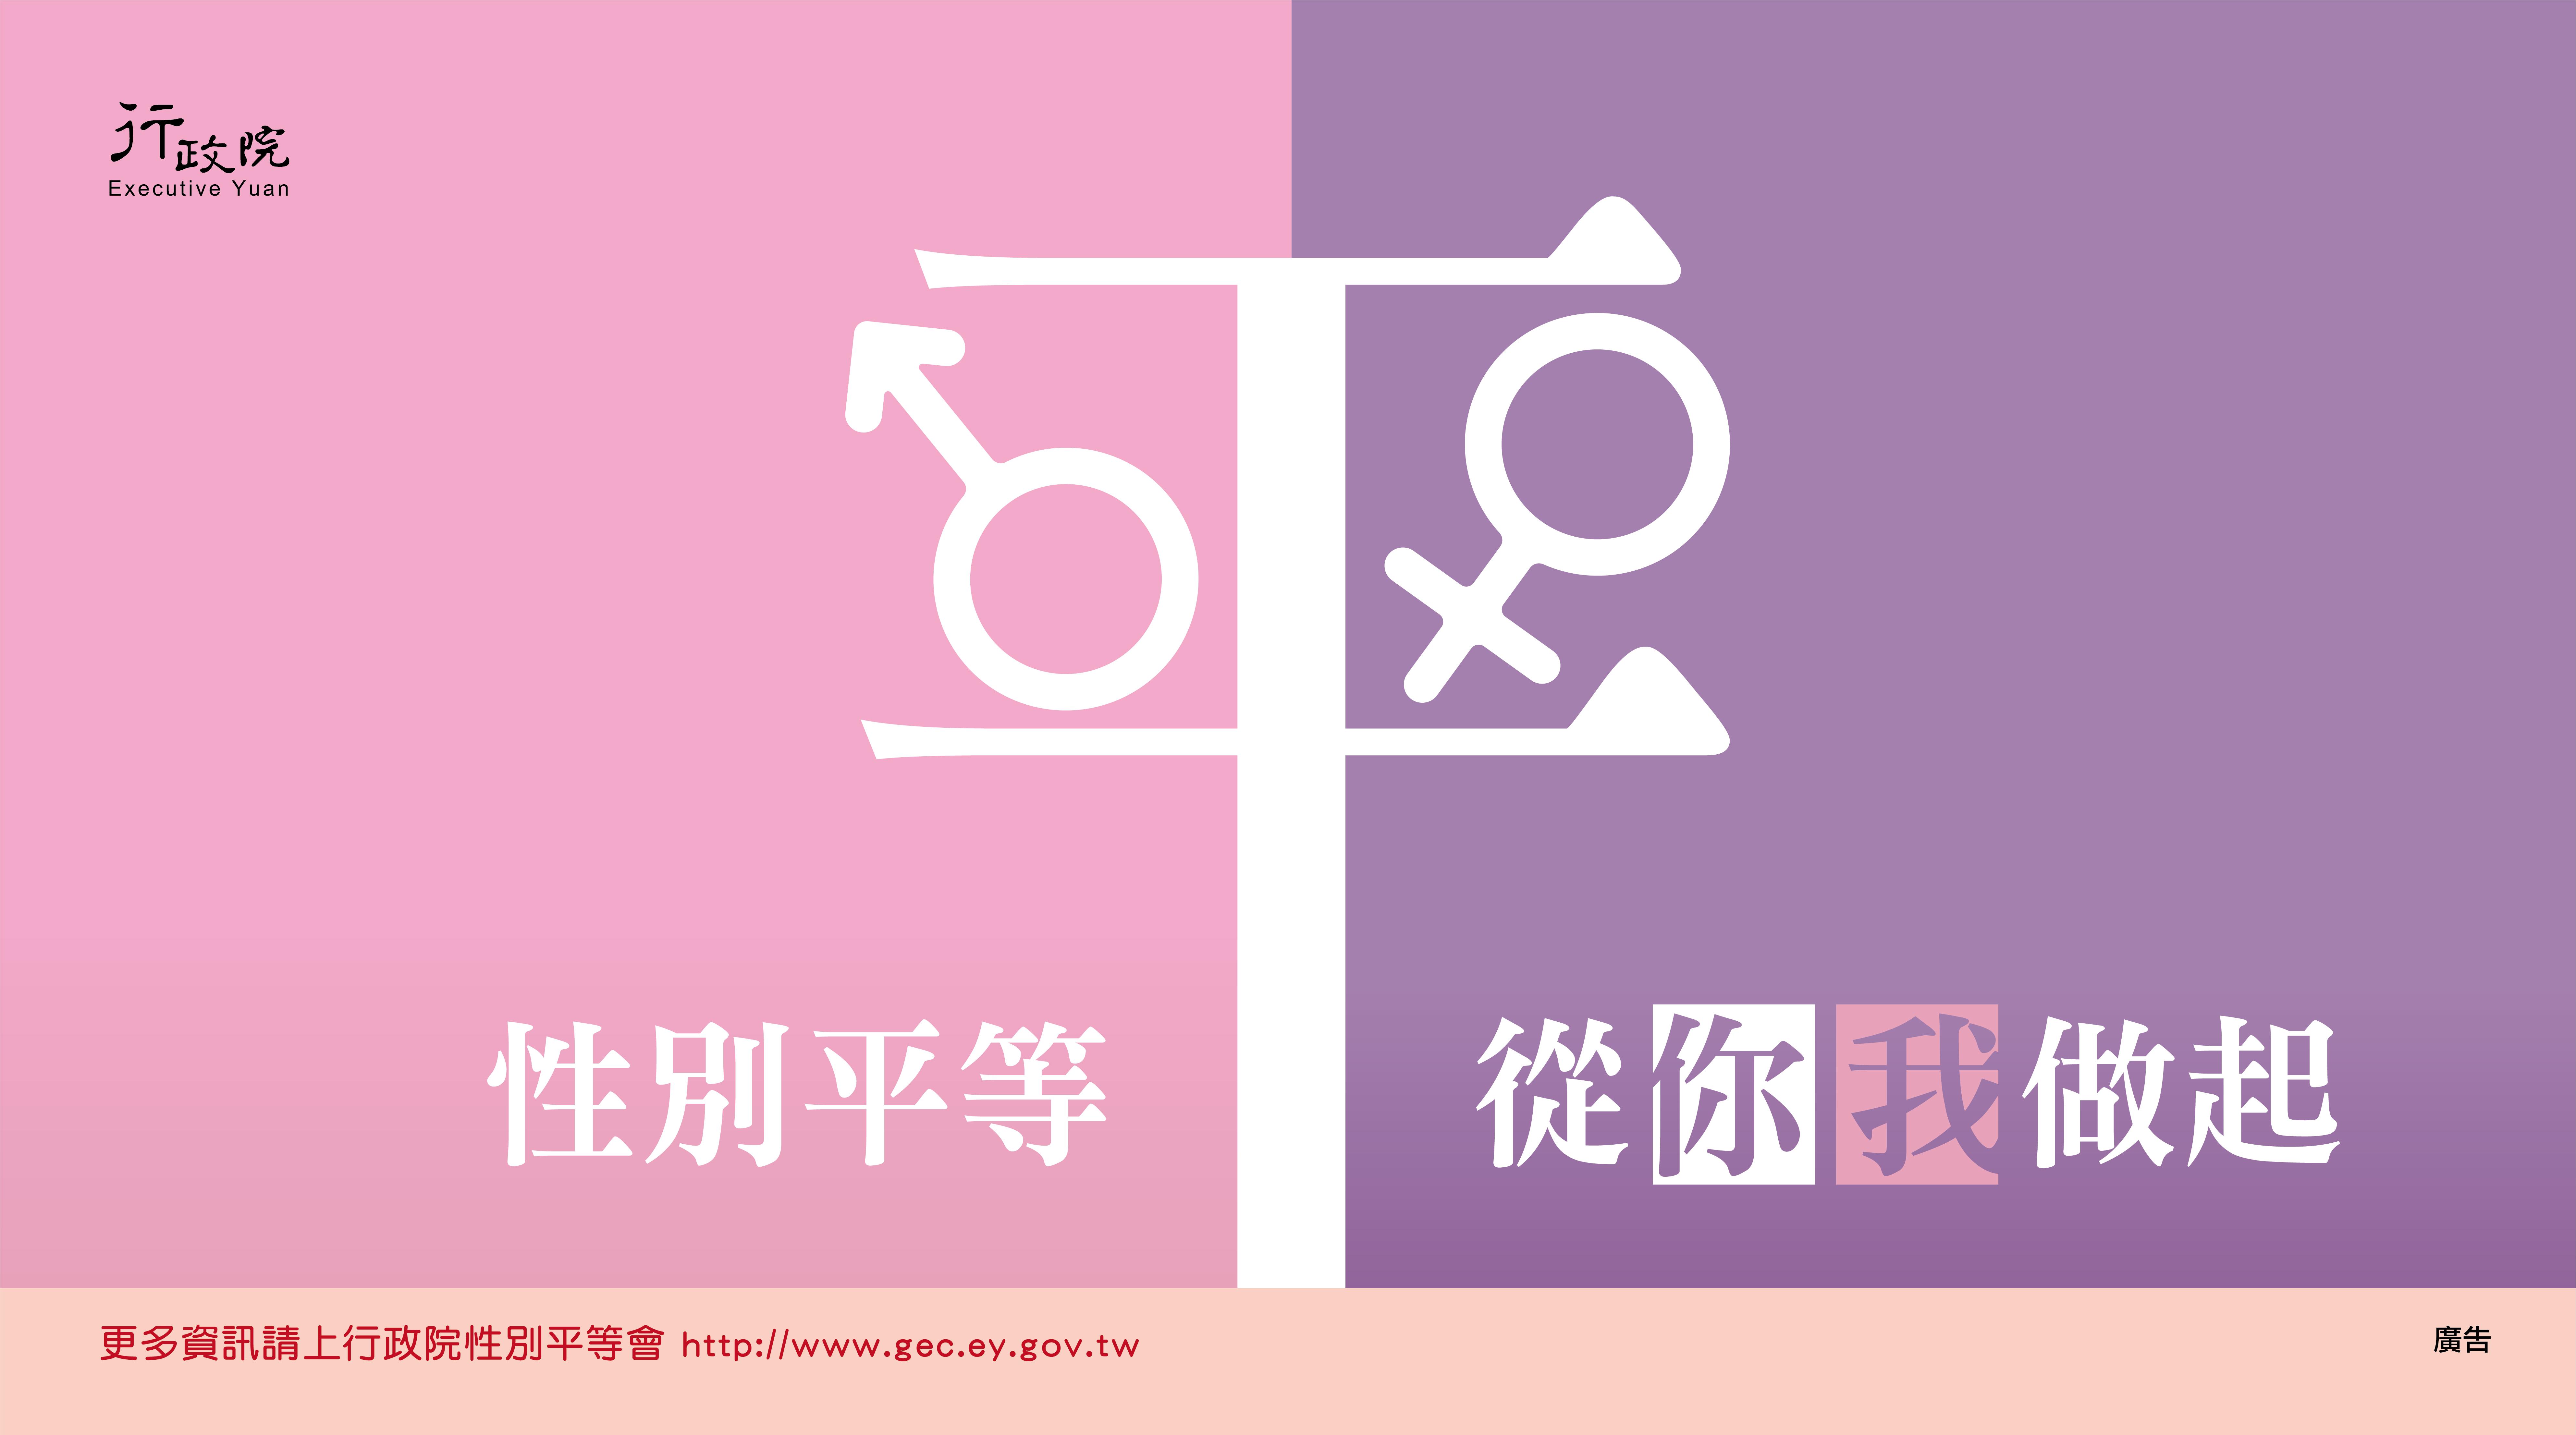 【性別平等】宣導文宣